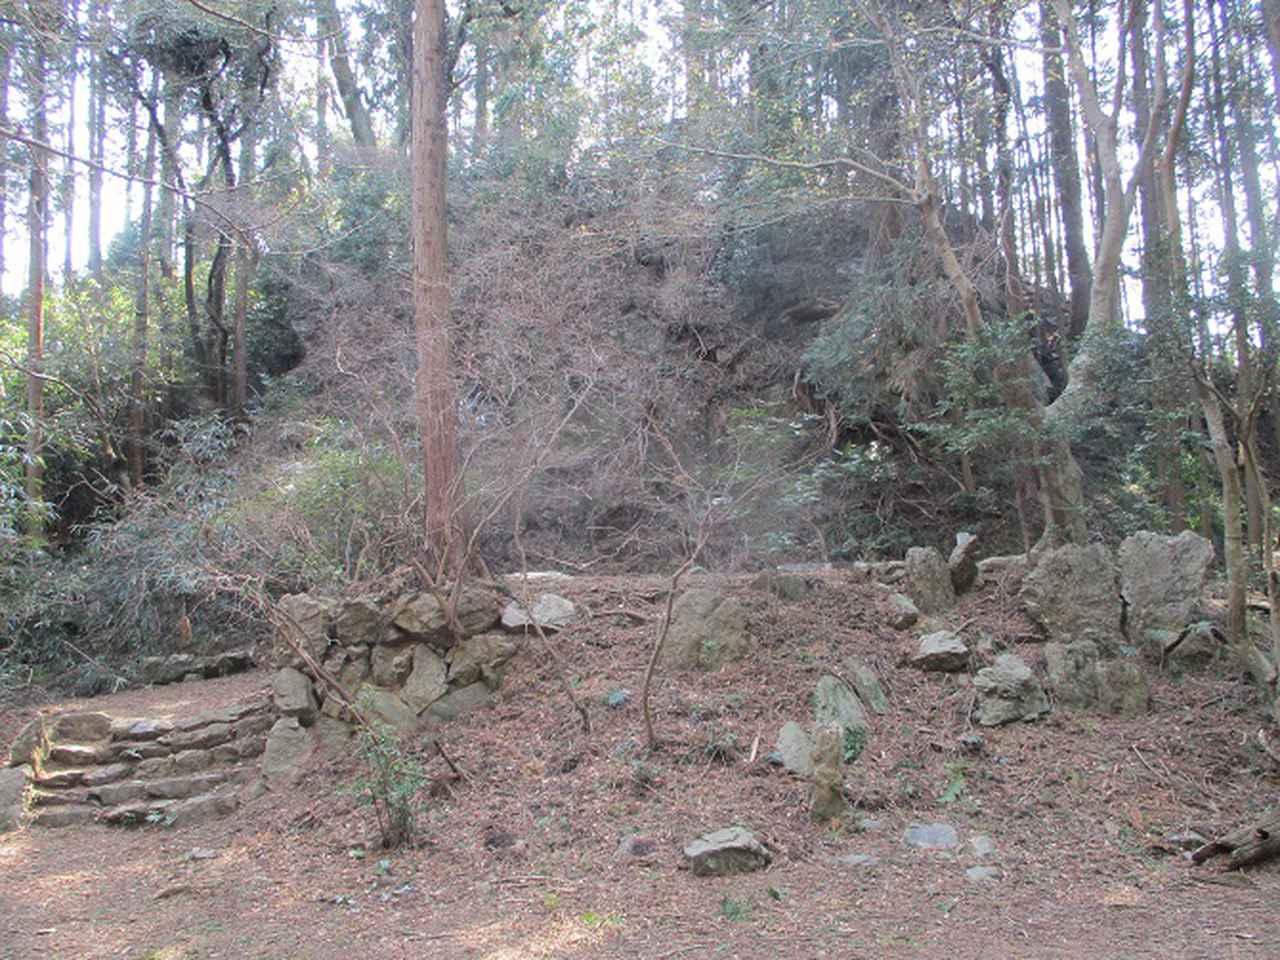 画像9: 企画素材を探して西武線沿線の 大高山から天覚山 を歩いてみました!